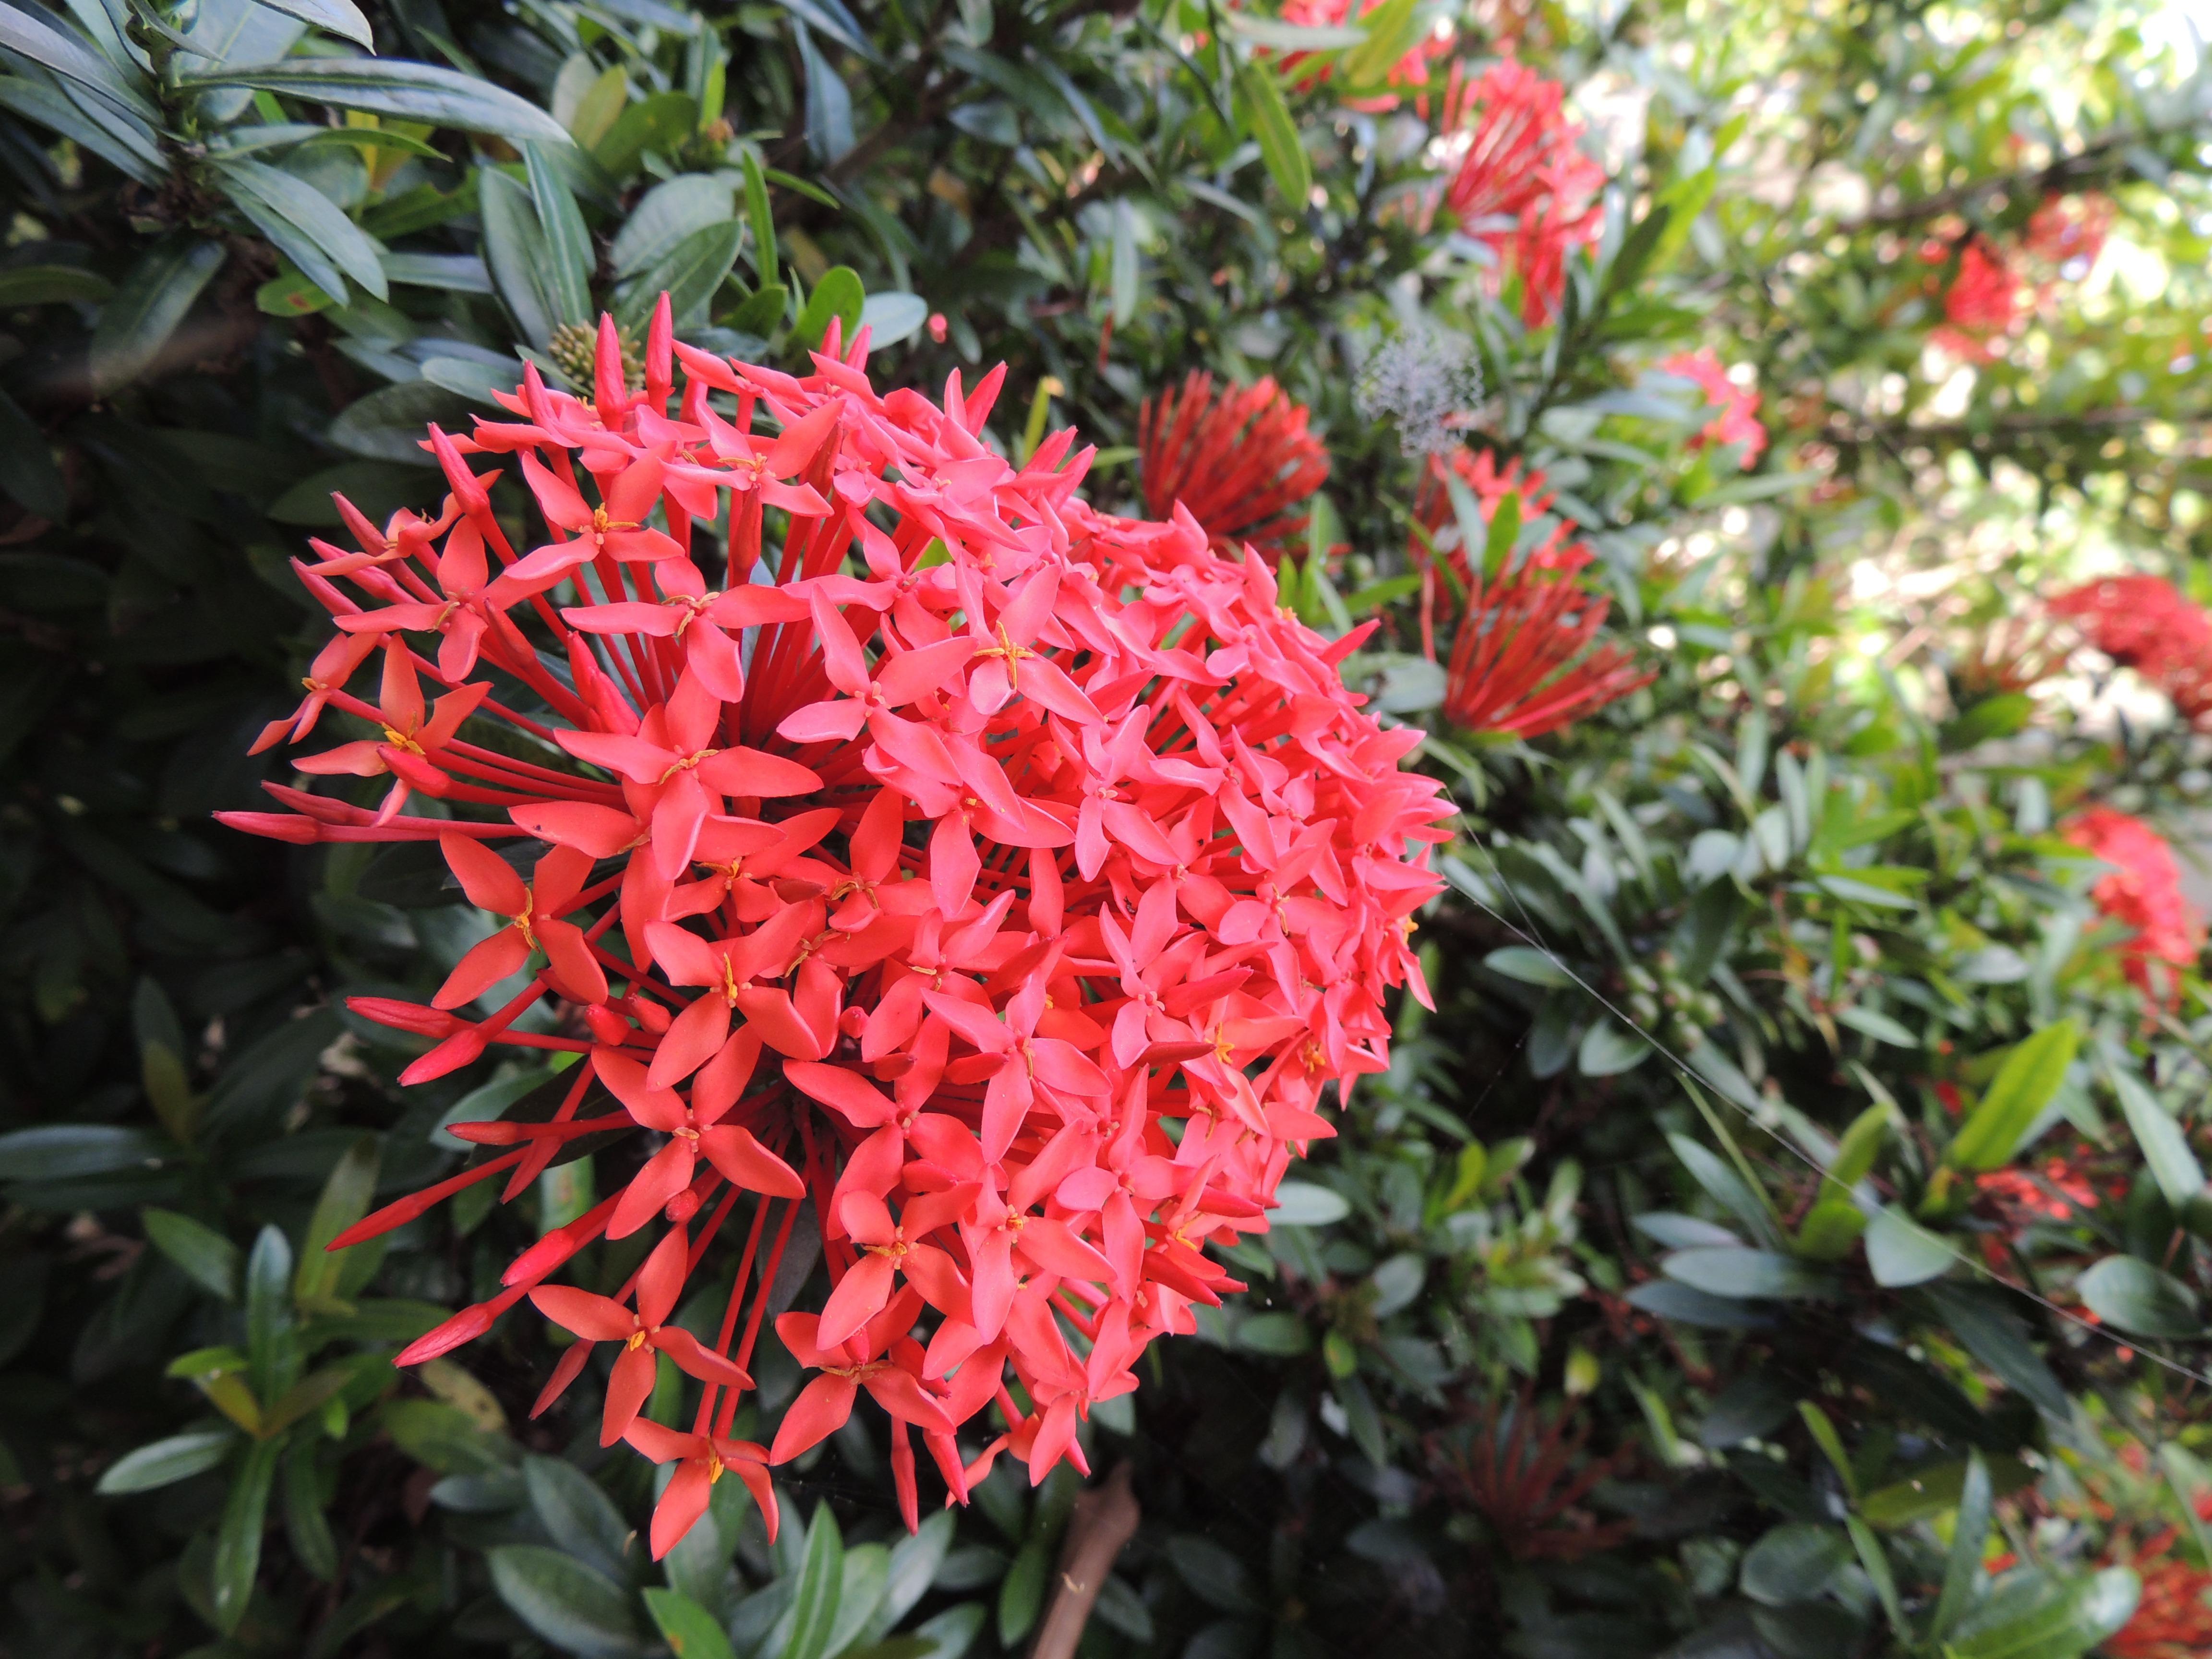 Arbustos perennes con flor arbustos perennes con flor - Arbustos perennes con flor ...